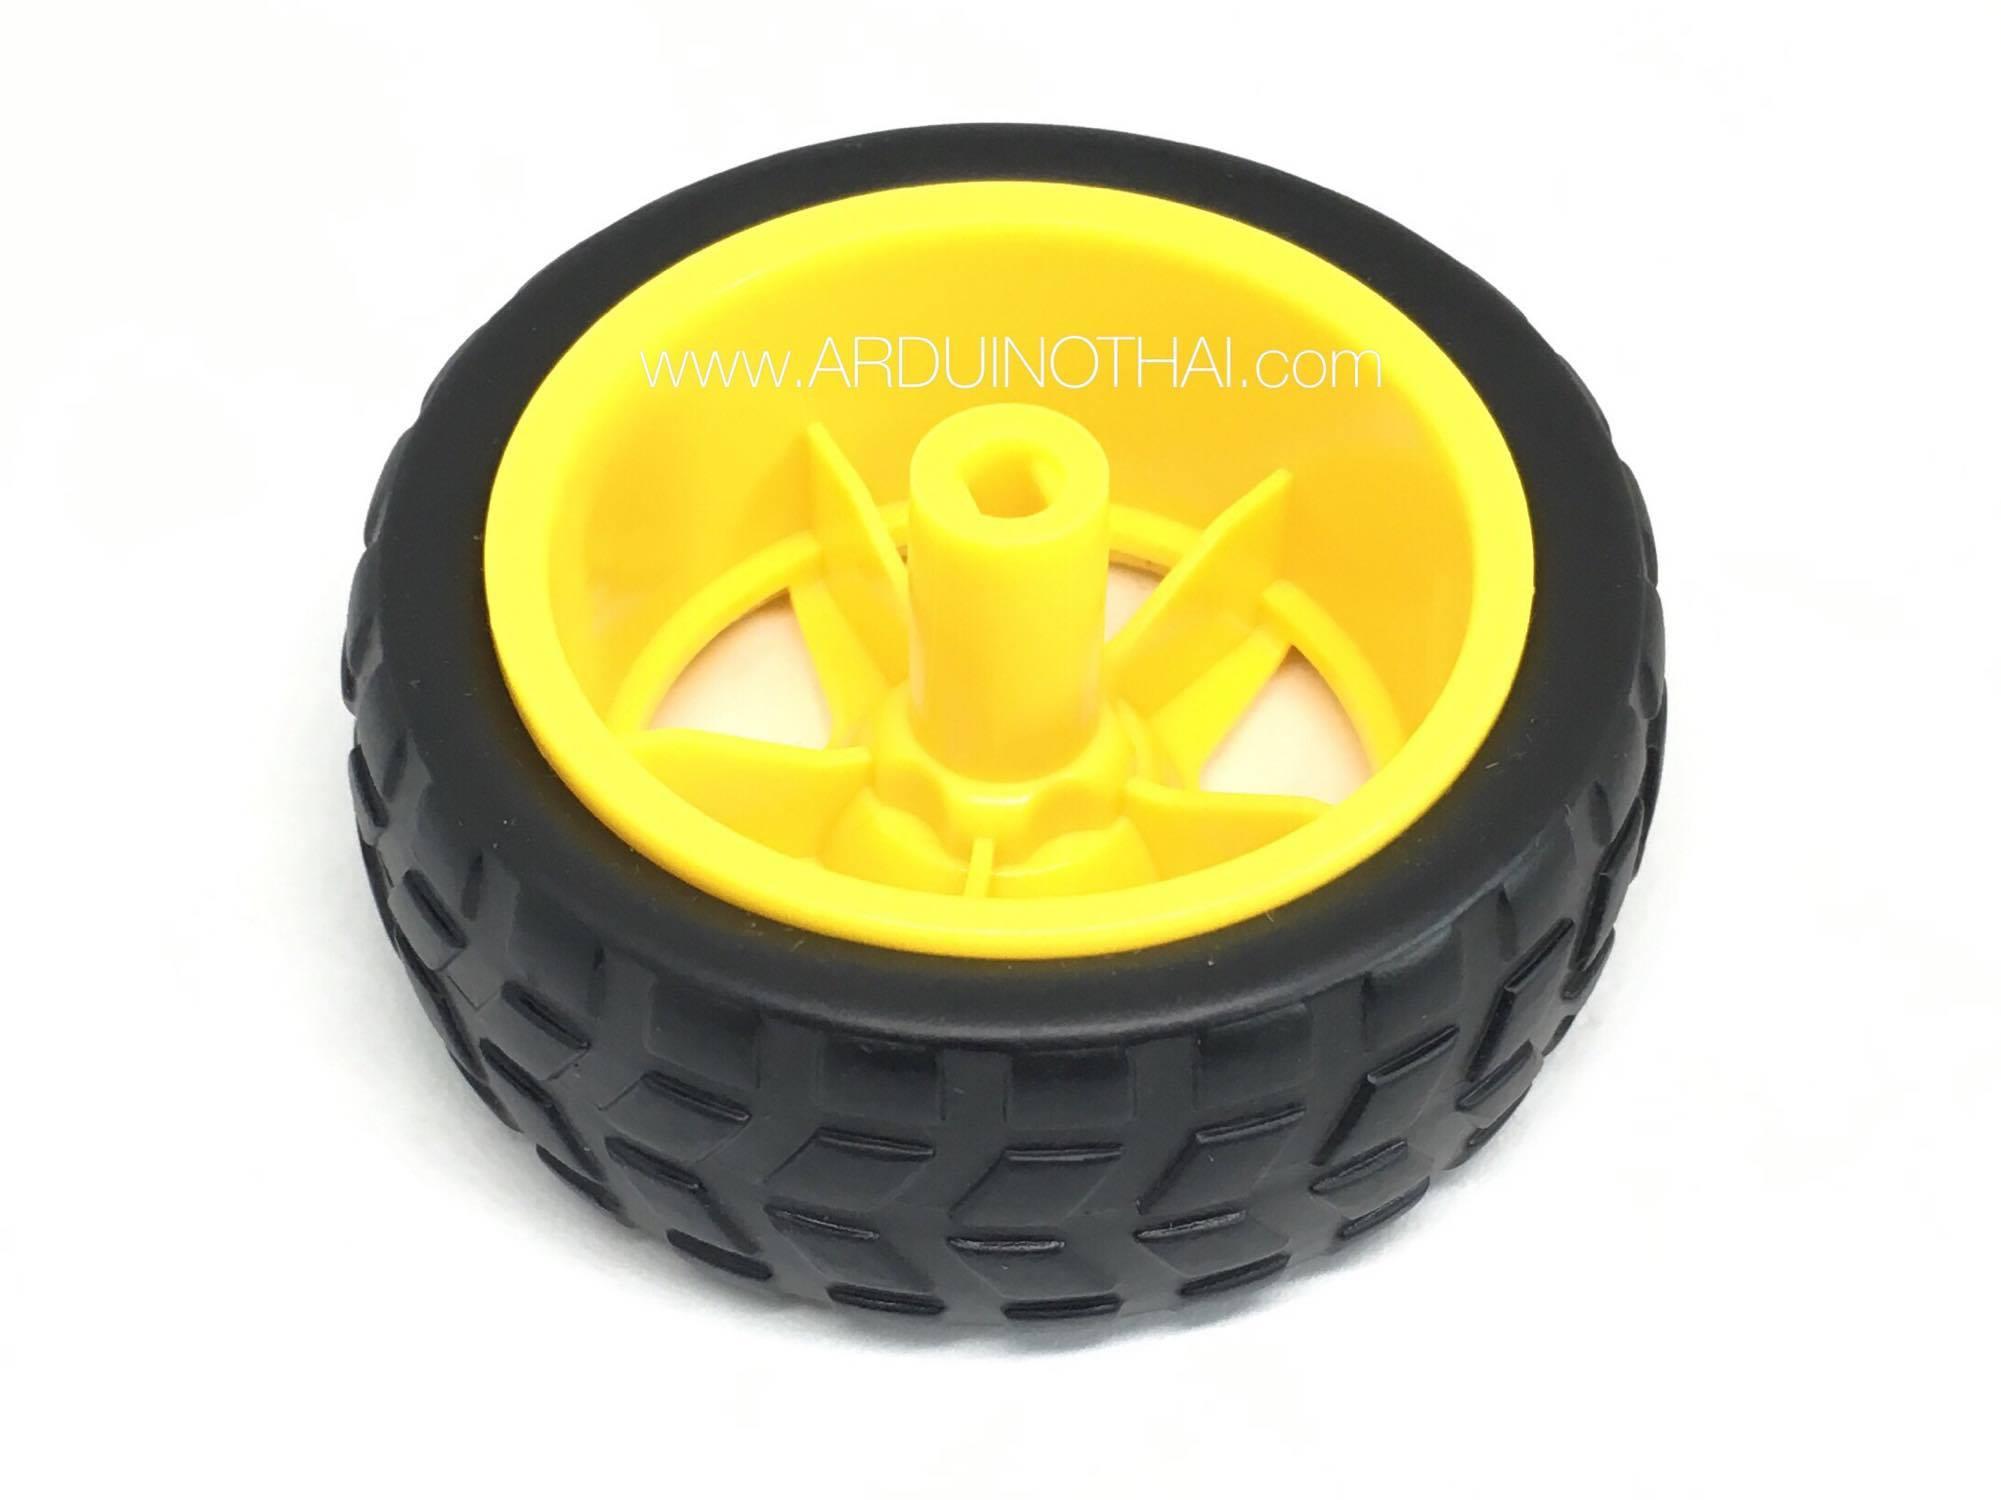 ล้อรถ Smart car wheel